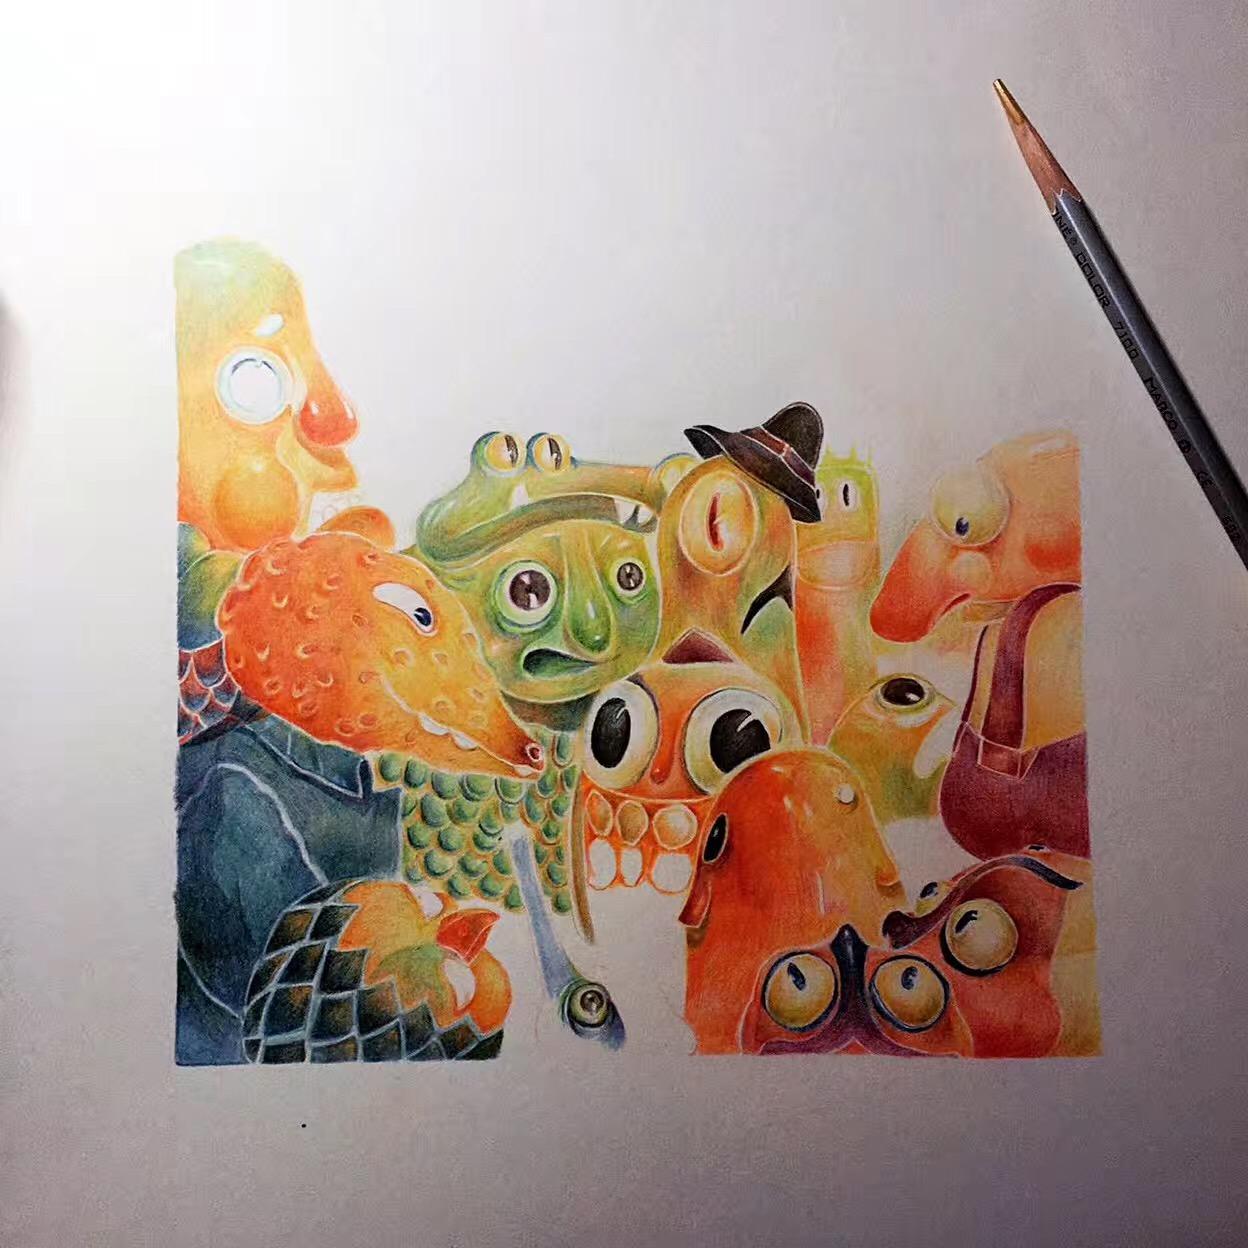 彩铅手绘|插画|儿童插画|pia插画师 - 原创作品